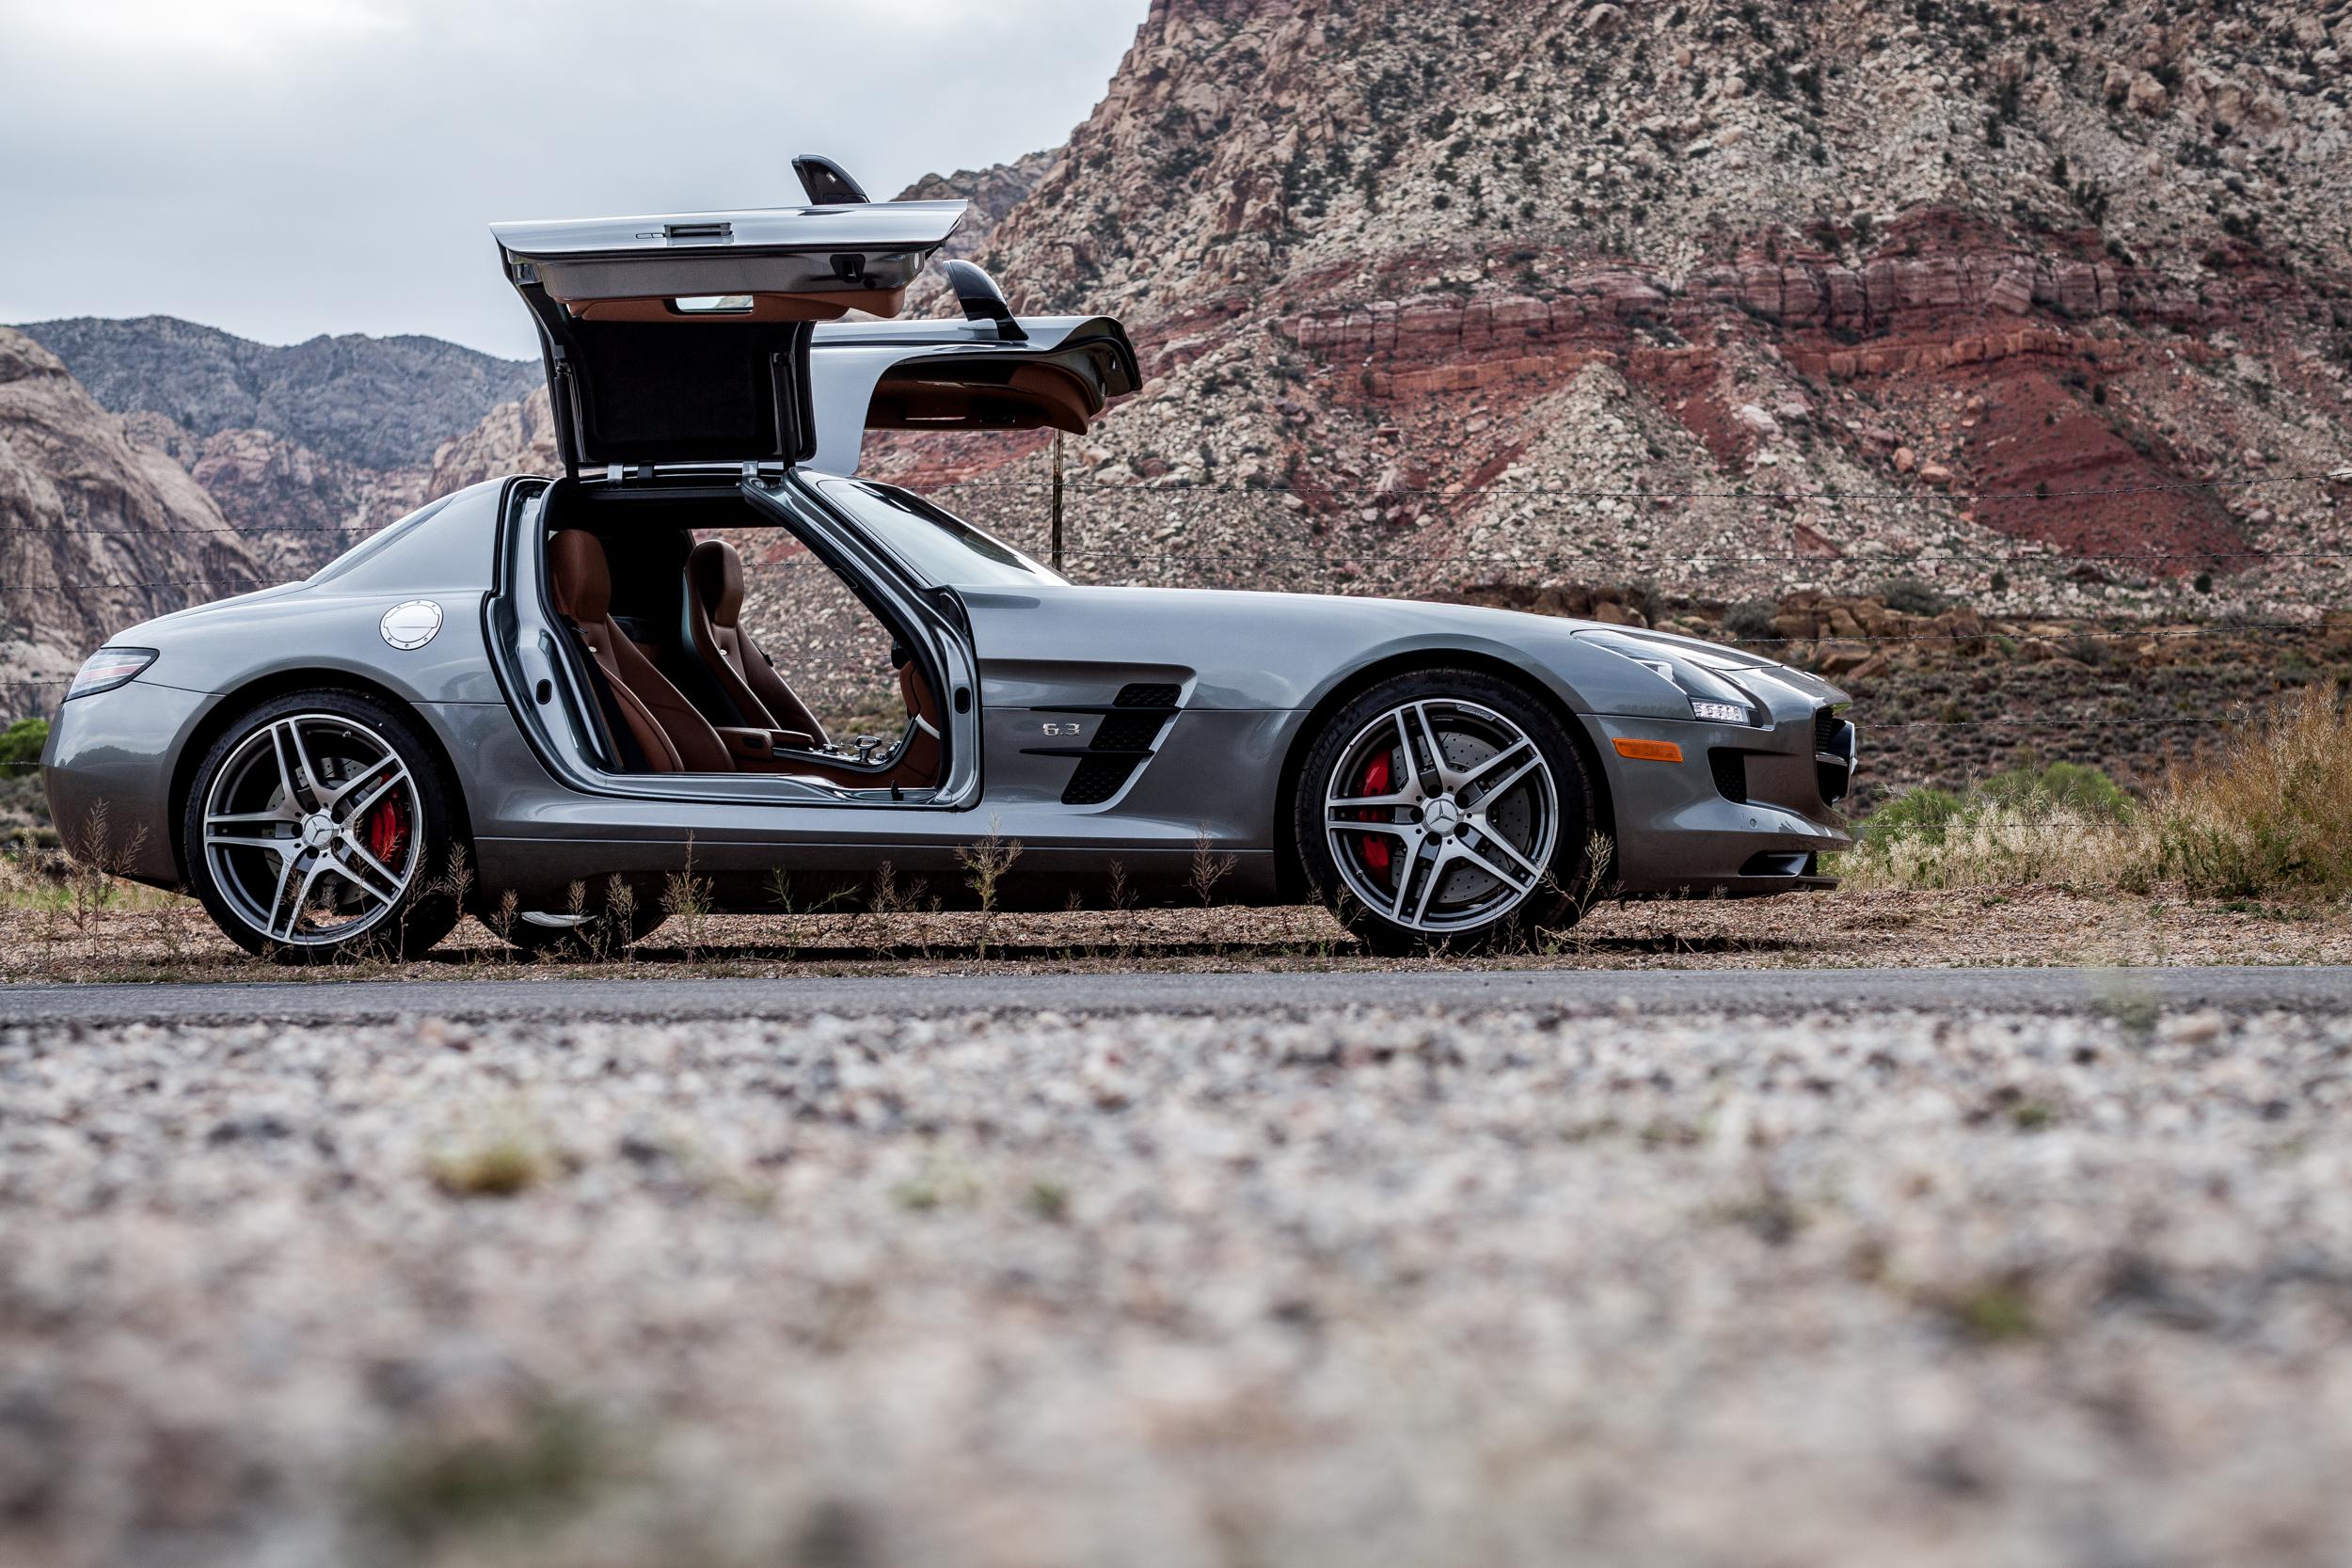 SLS AMG | Red Rock Canyon, Nevada